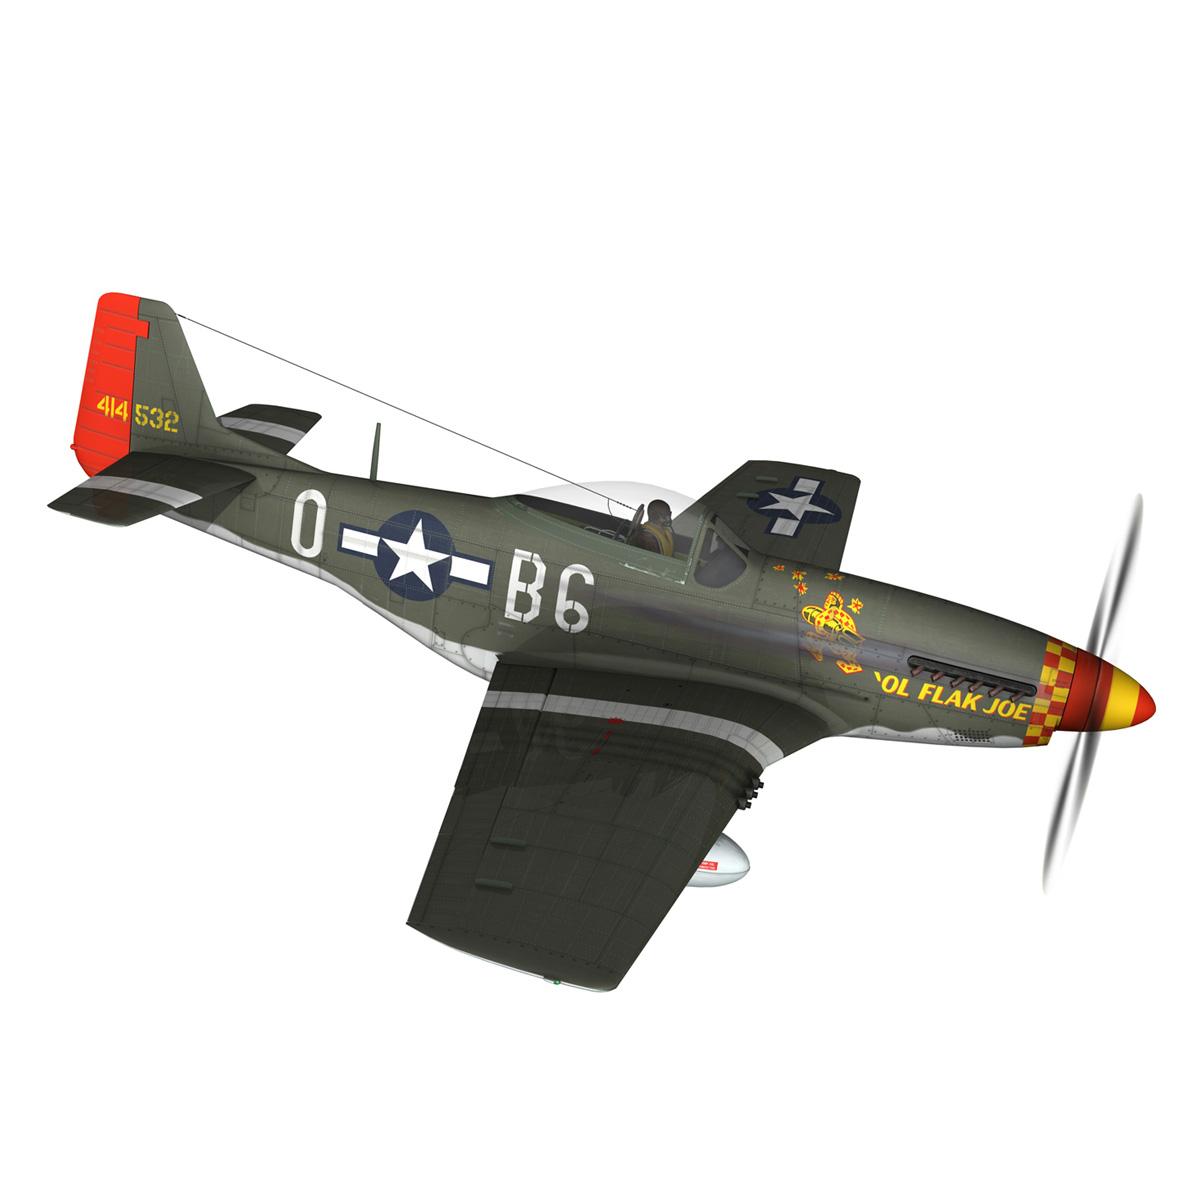 north american p-51d – ol flak joe 3d model 3ds fbx c4d lwo obj 280106